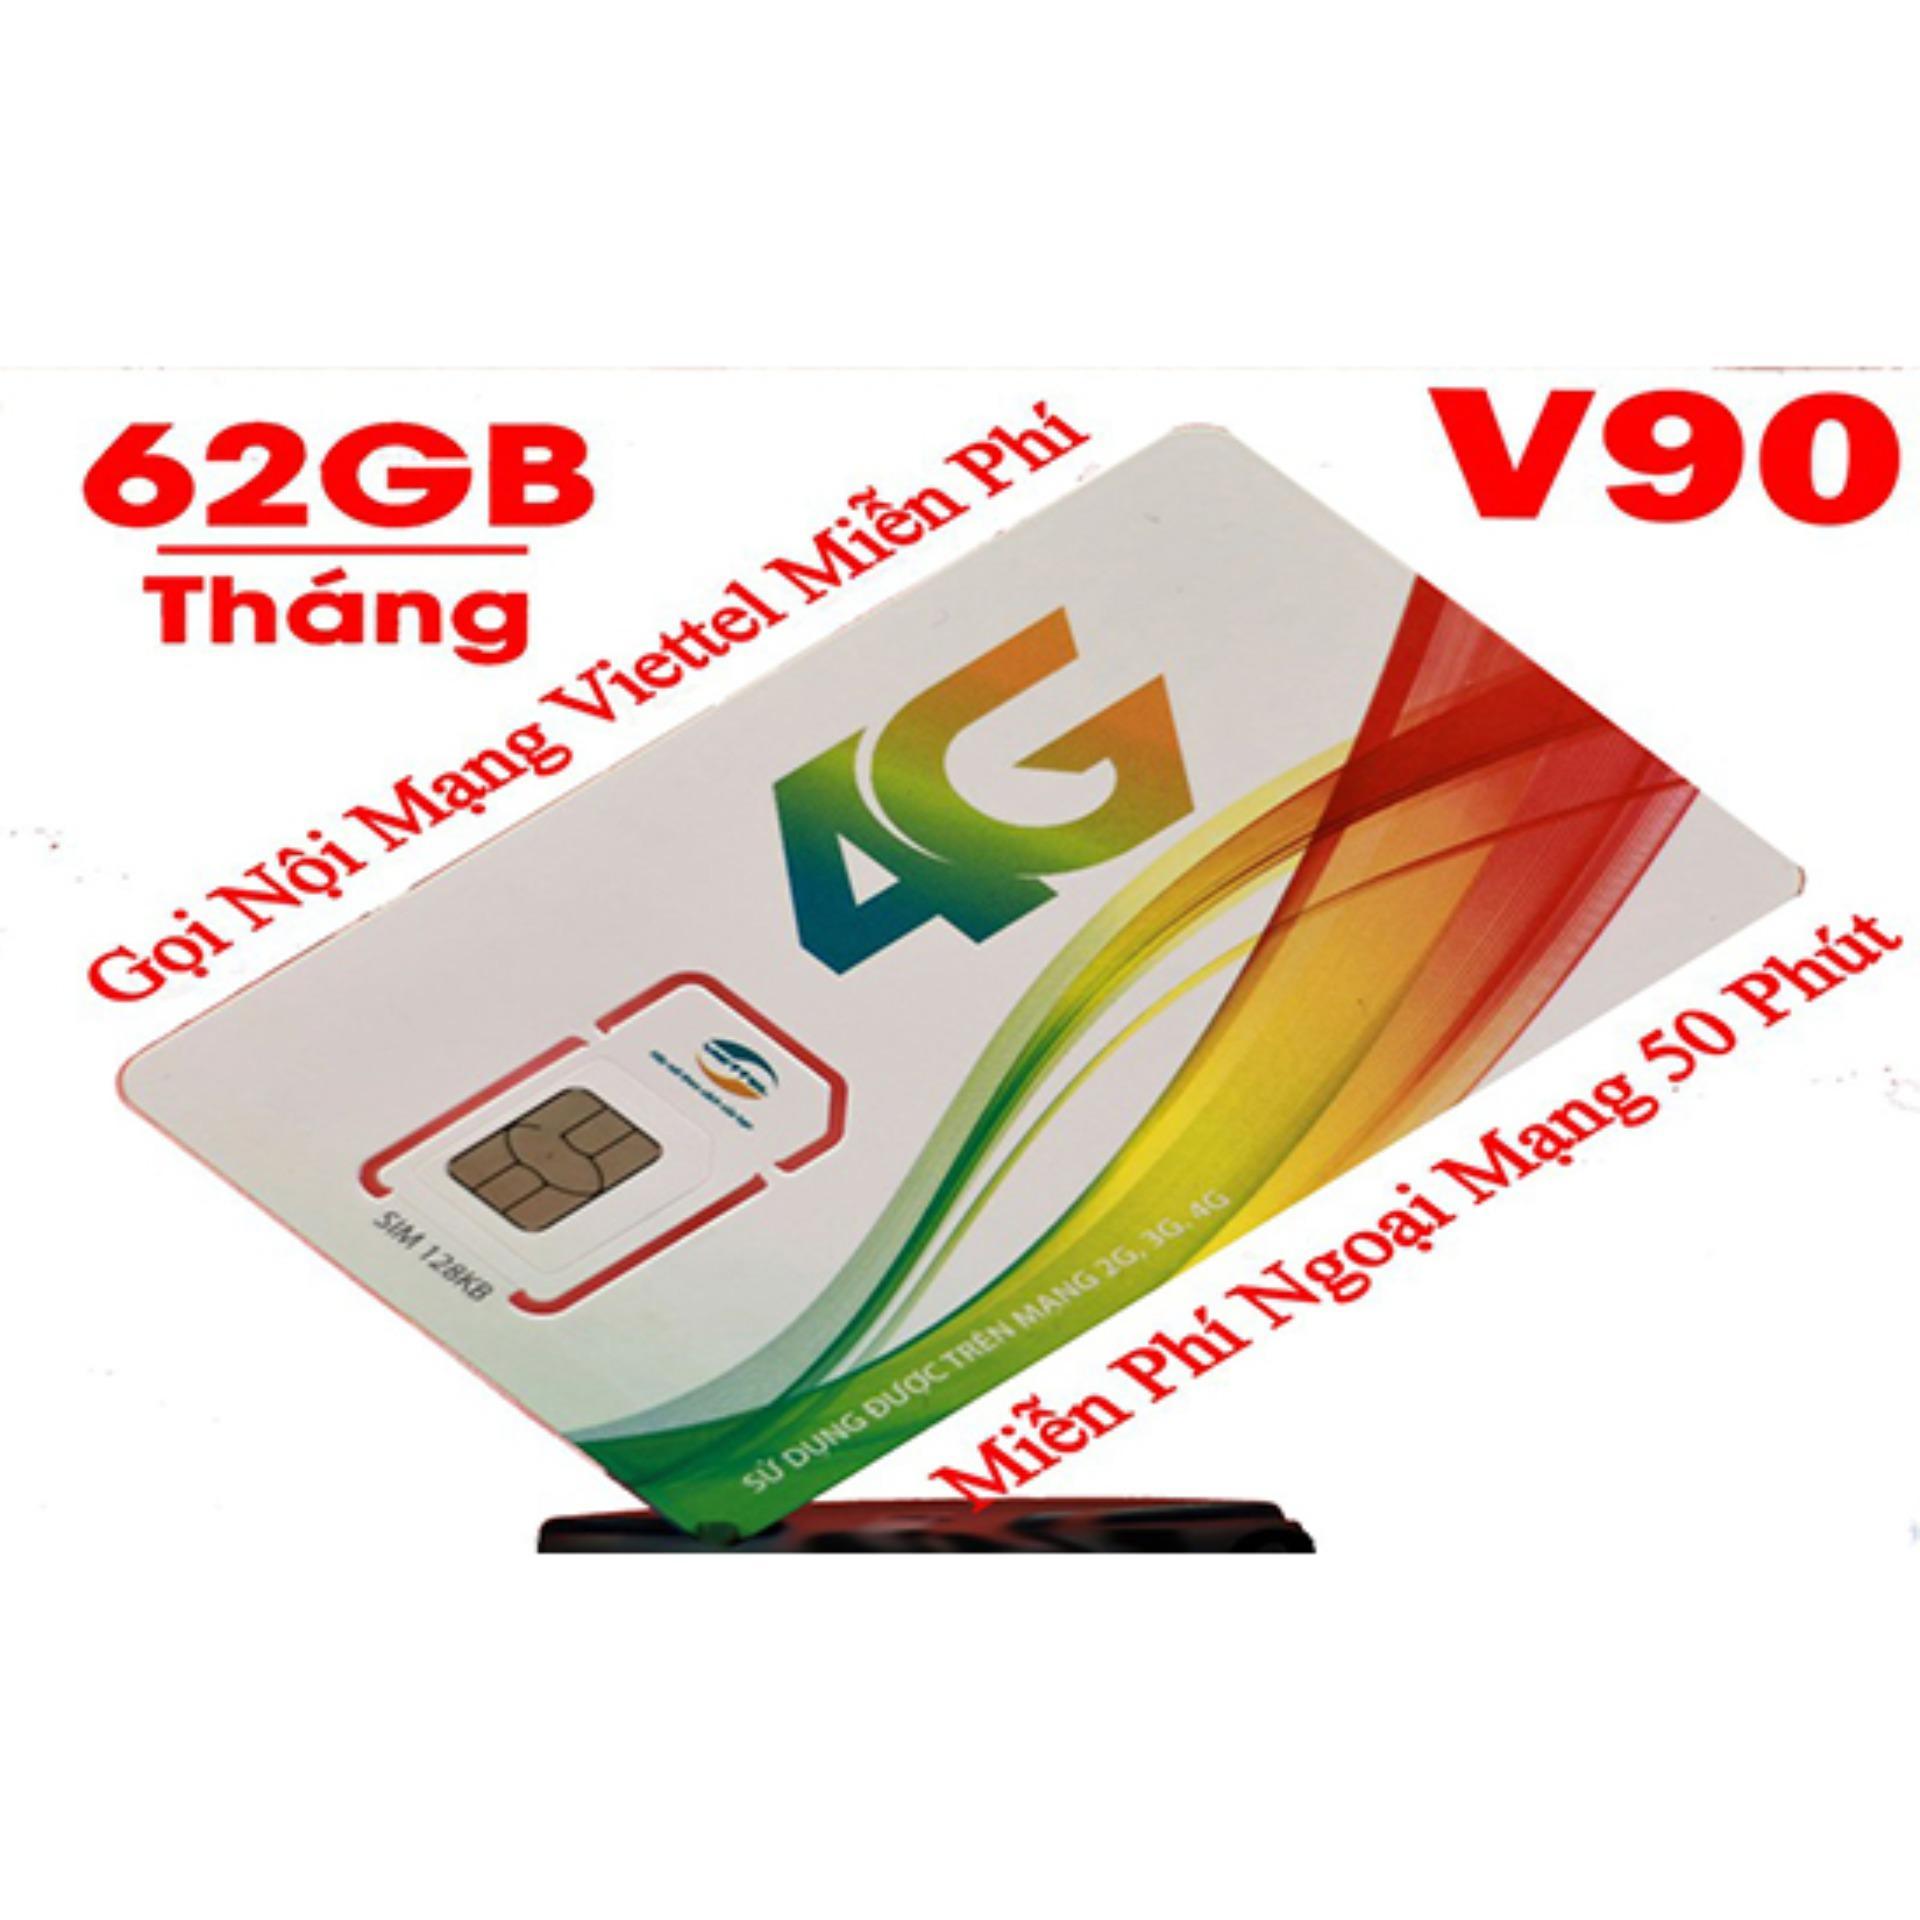 Hình ảnh Sim 4G Viettel V90 (60Gb + 4350 phút gọi miễn phí / tháng)